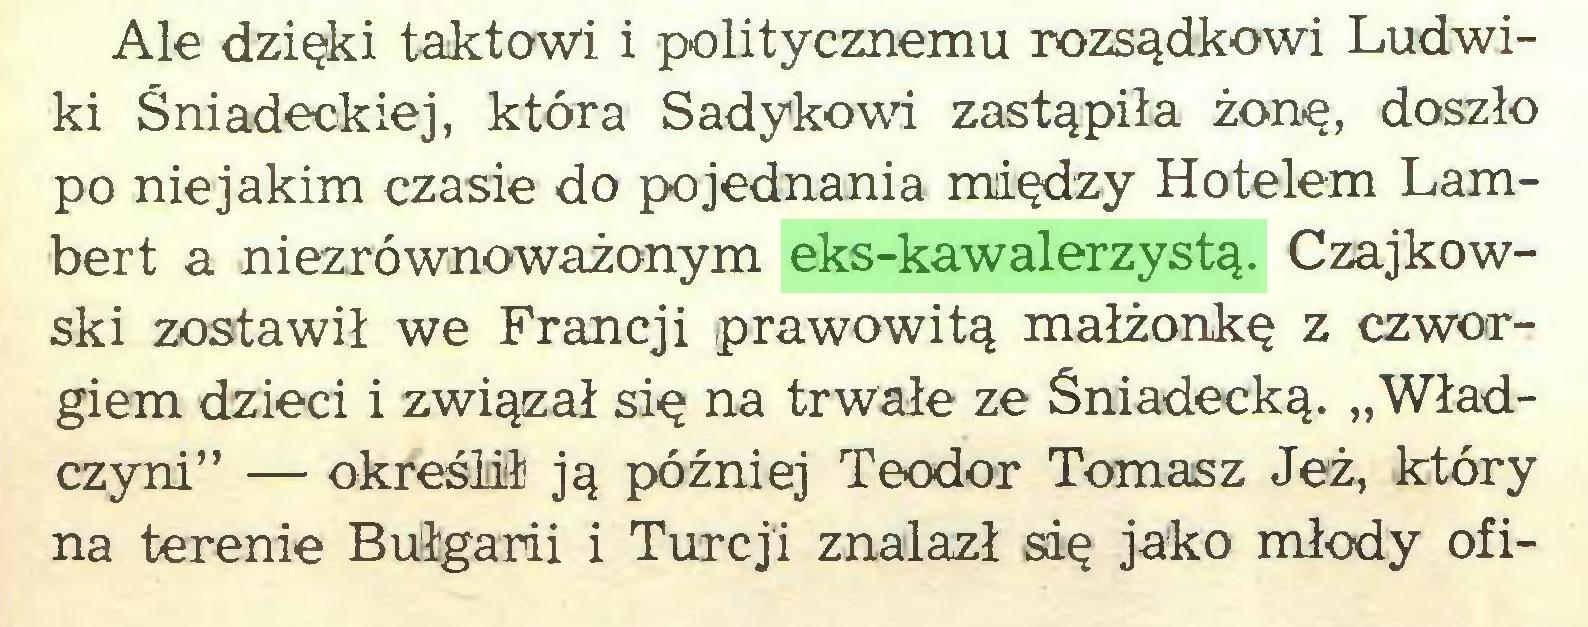 """(...) Ale dzięki taktowi i politycznemu rozsądkowi Ludwiki Śniadeckiej, która Sadykowi zastąpiła żonę, doszło po niejakim czasie do pojednania między Hotelem Lambert a niezrównoważonym eks-kawalerzystą. Czajkowski zostawił we Francji prawowitą małżonkę z czworgiem dzieci i związał się na trwałe ze Sniadecką. """"Władczyni"""" — określił ją później Teodor Tomasz Jeż, który na terenie Bułgarii i Turcji znalazł się jako młody ofi..."""